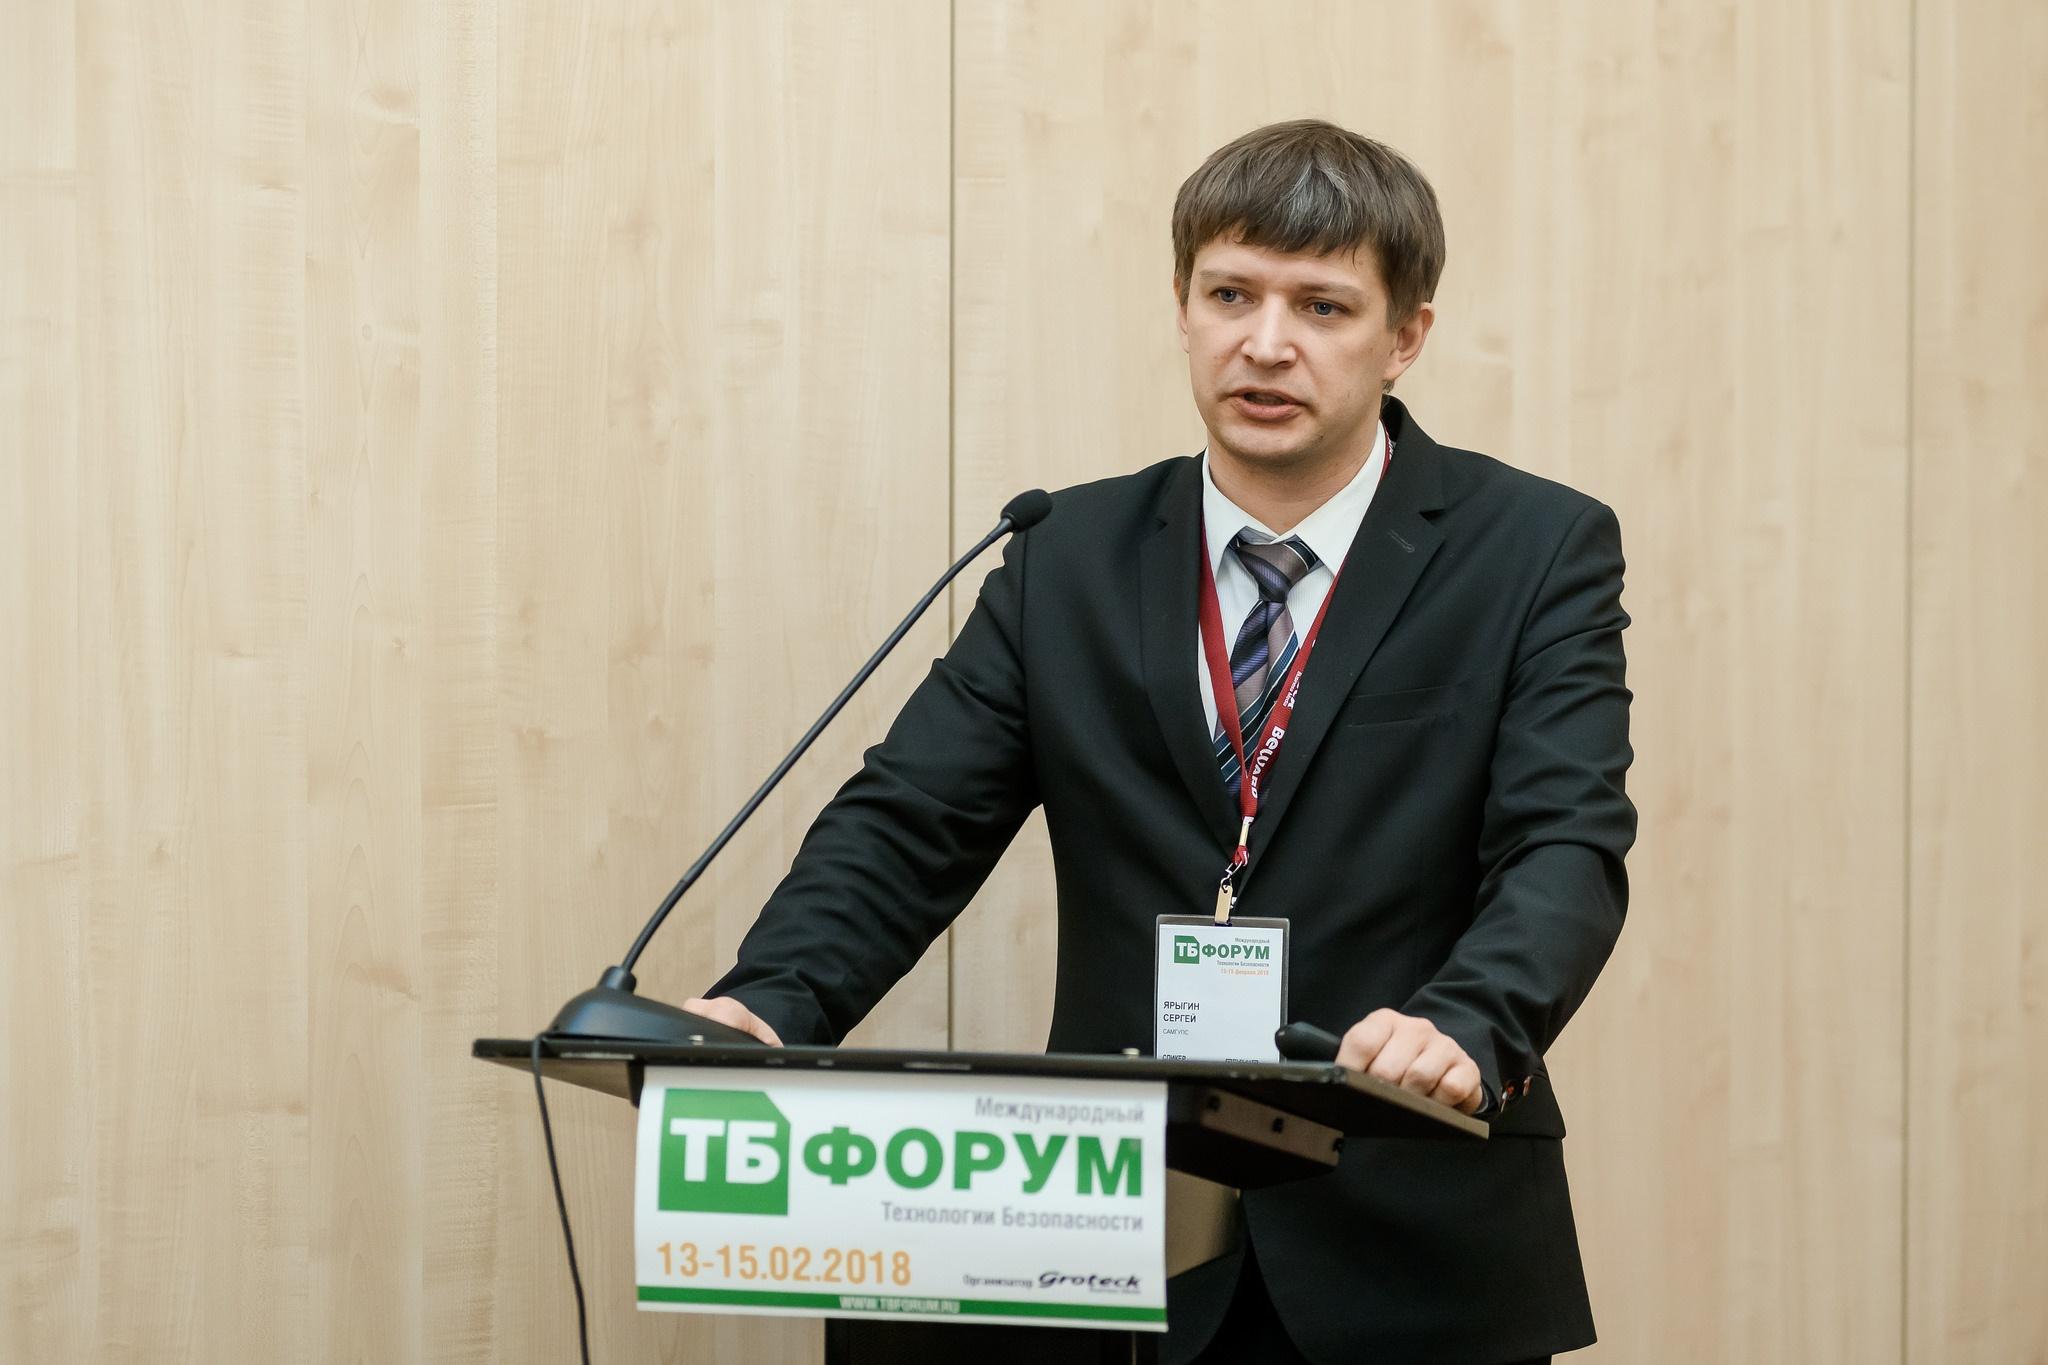 Более 37 000 видеокамер закупят для высокоскоростной магистрали «Москва – Казань – Екатеринбург»